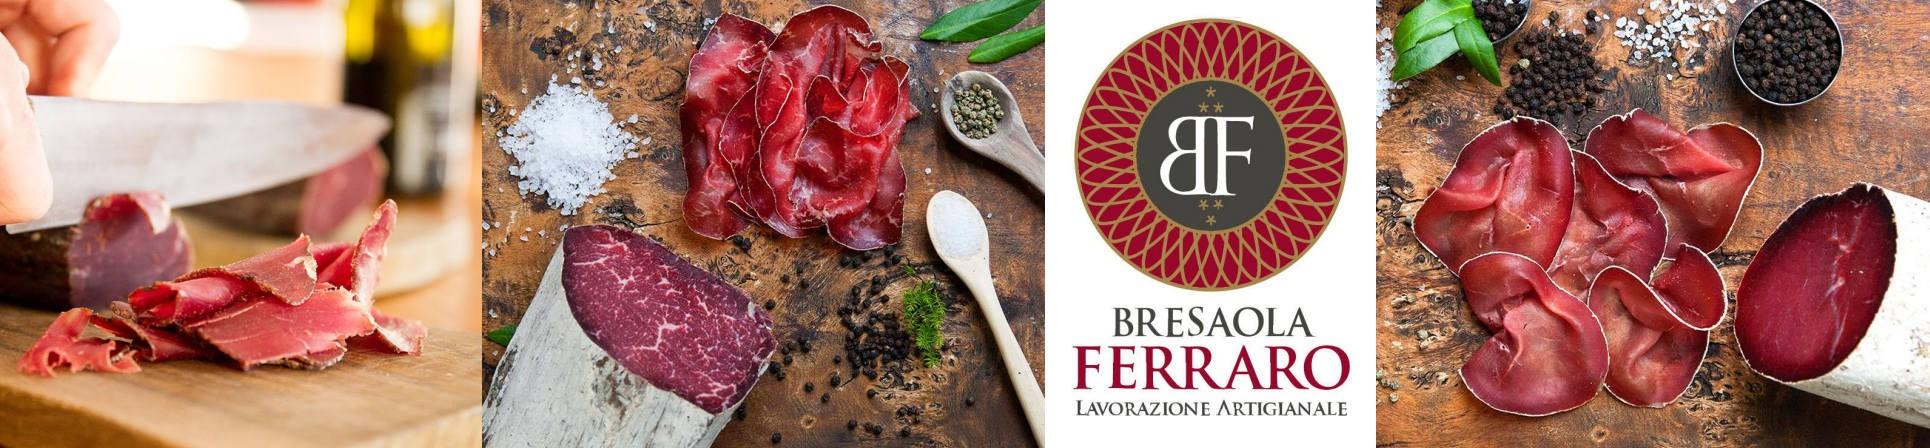 Bresaola della Valchiavenna e Bresaola della Valtellina vendita online Bresaola Vendita online - Bresaola FERRARO